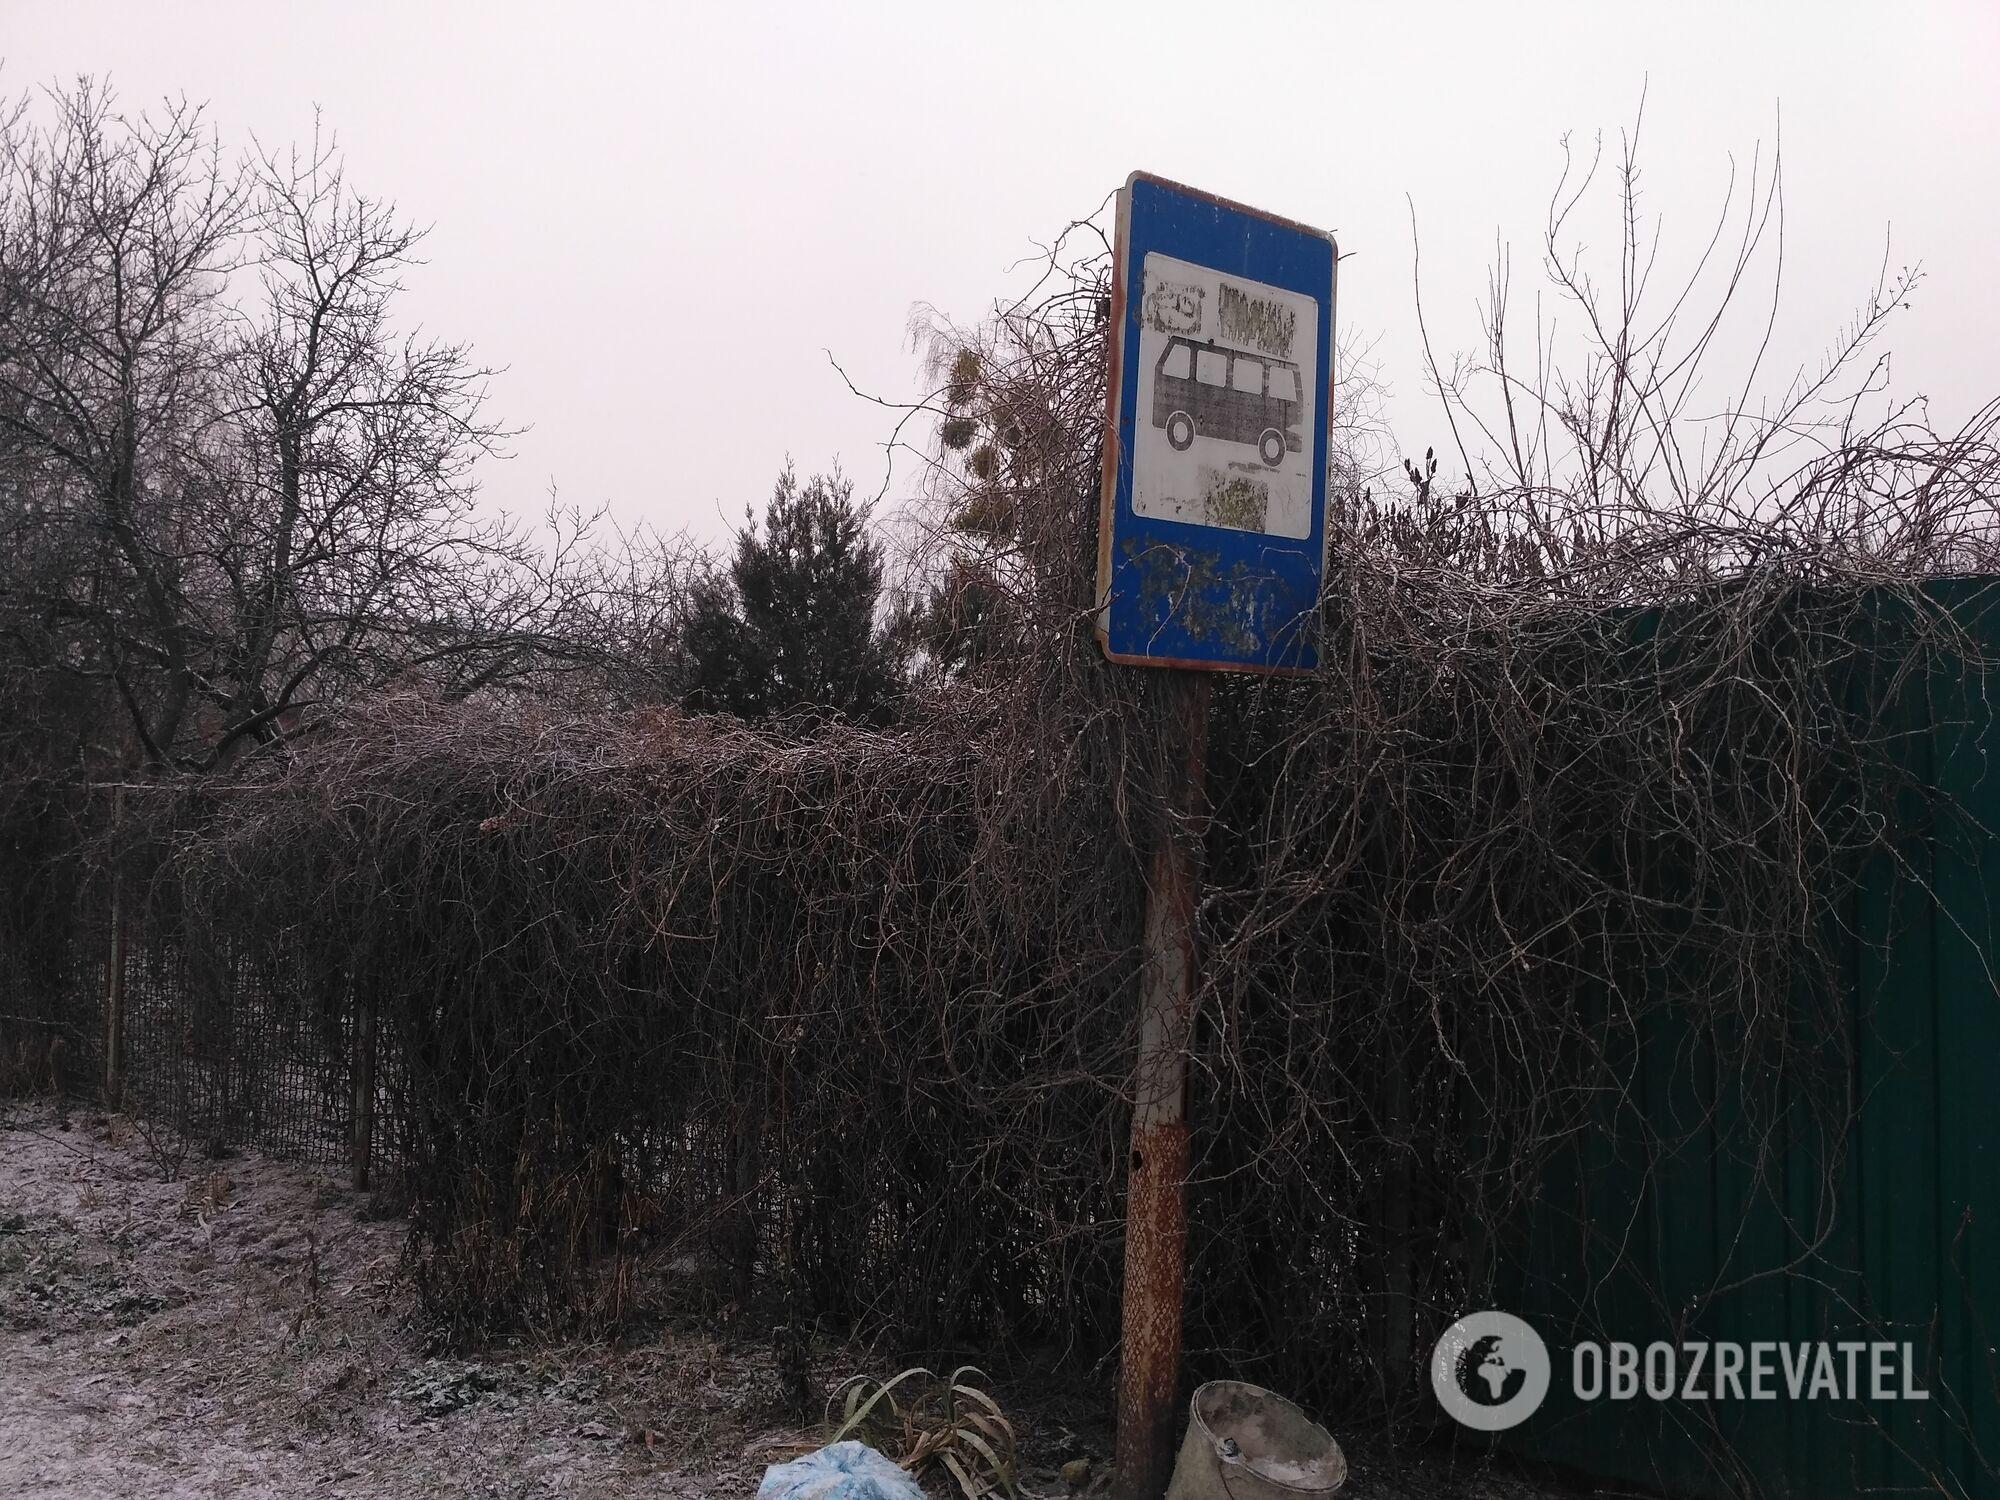 Остановка в Демидове, на которой якобы вышла Ирина вечером 29 декабря